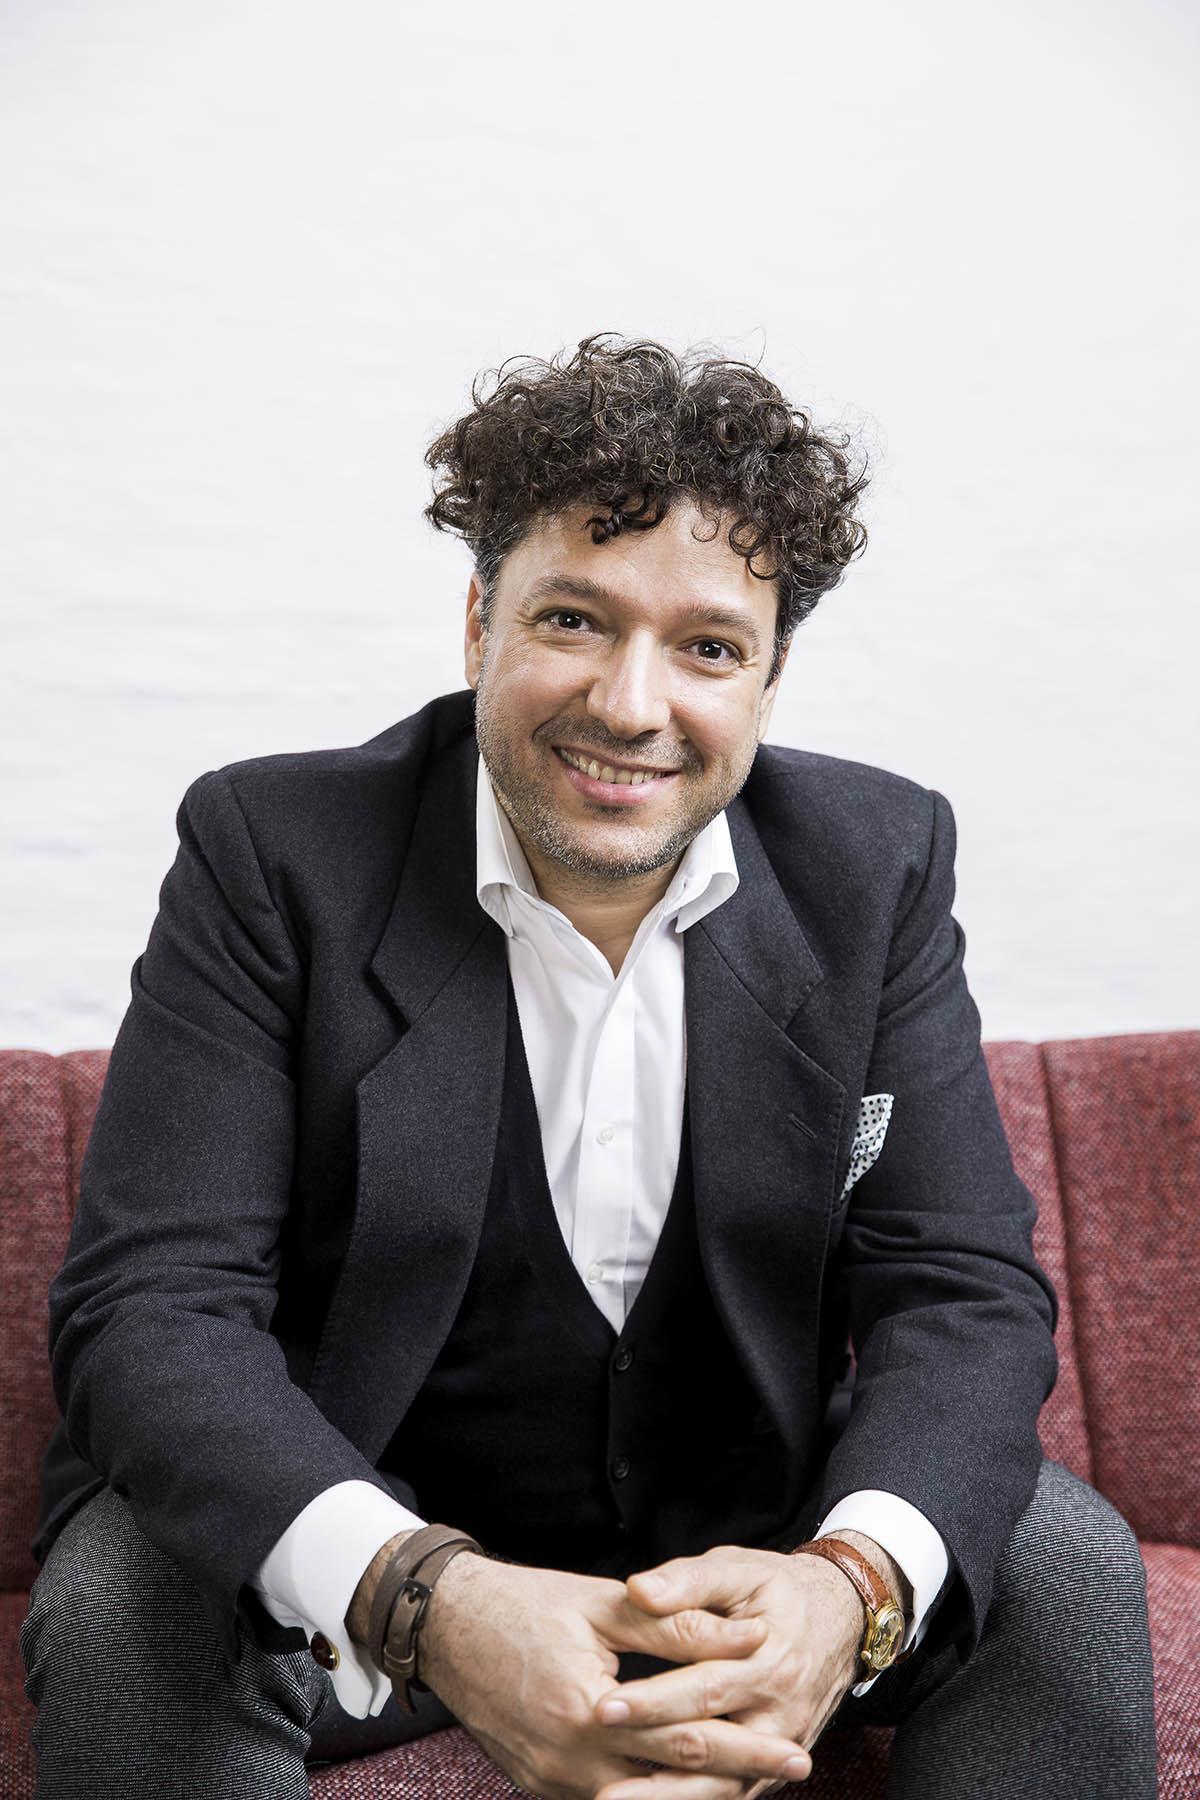 Karim El Seroui